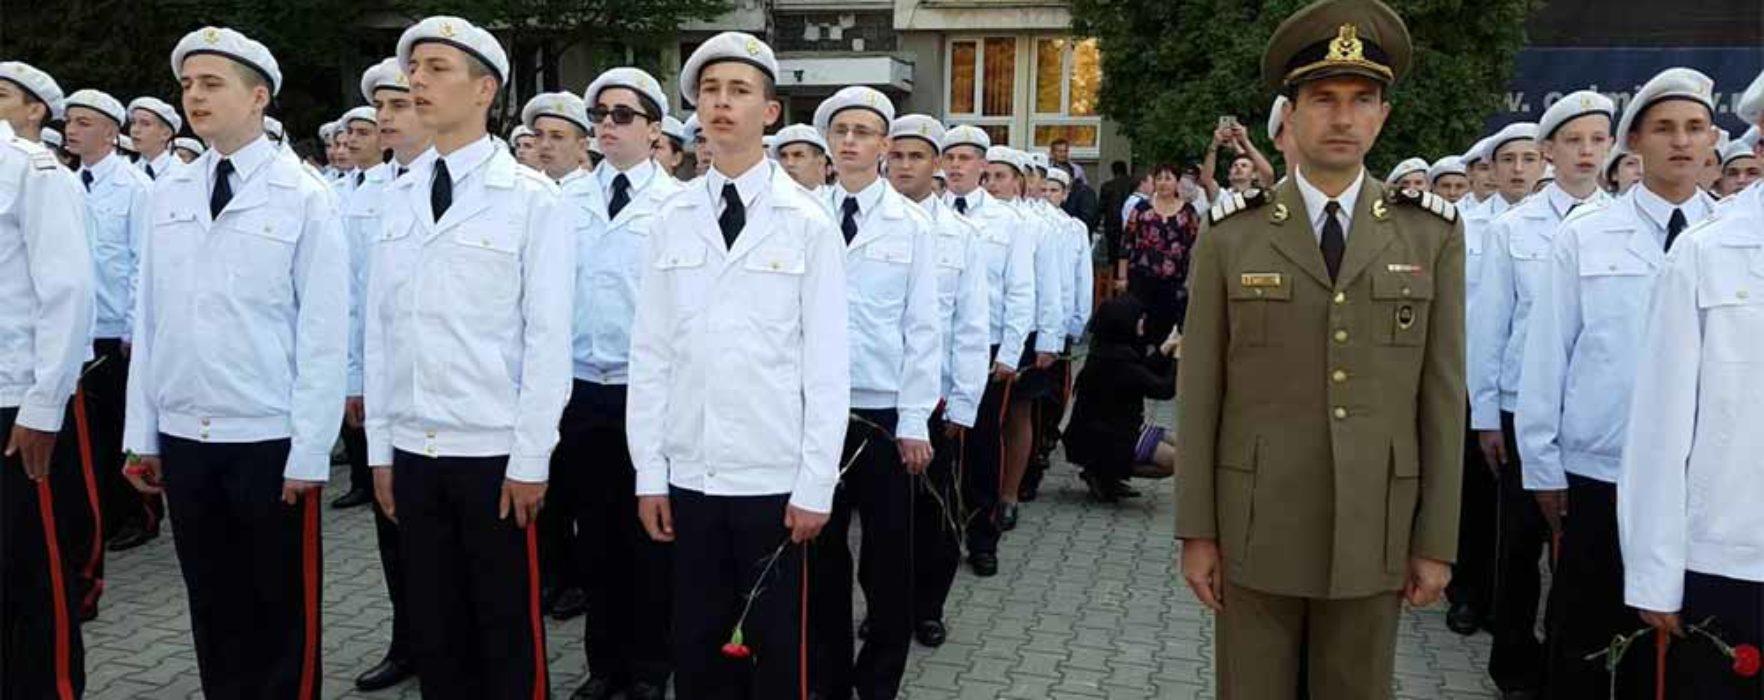 Târgovişte: Va fi înfiinţat un liceu militar în clădirea unde este acum Liceul Constantin Brâncoveanu